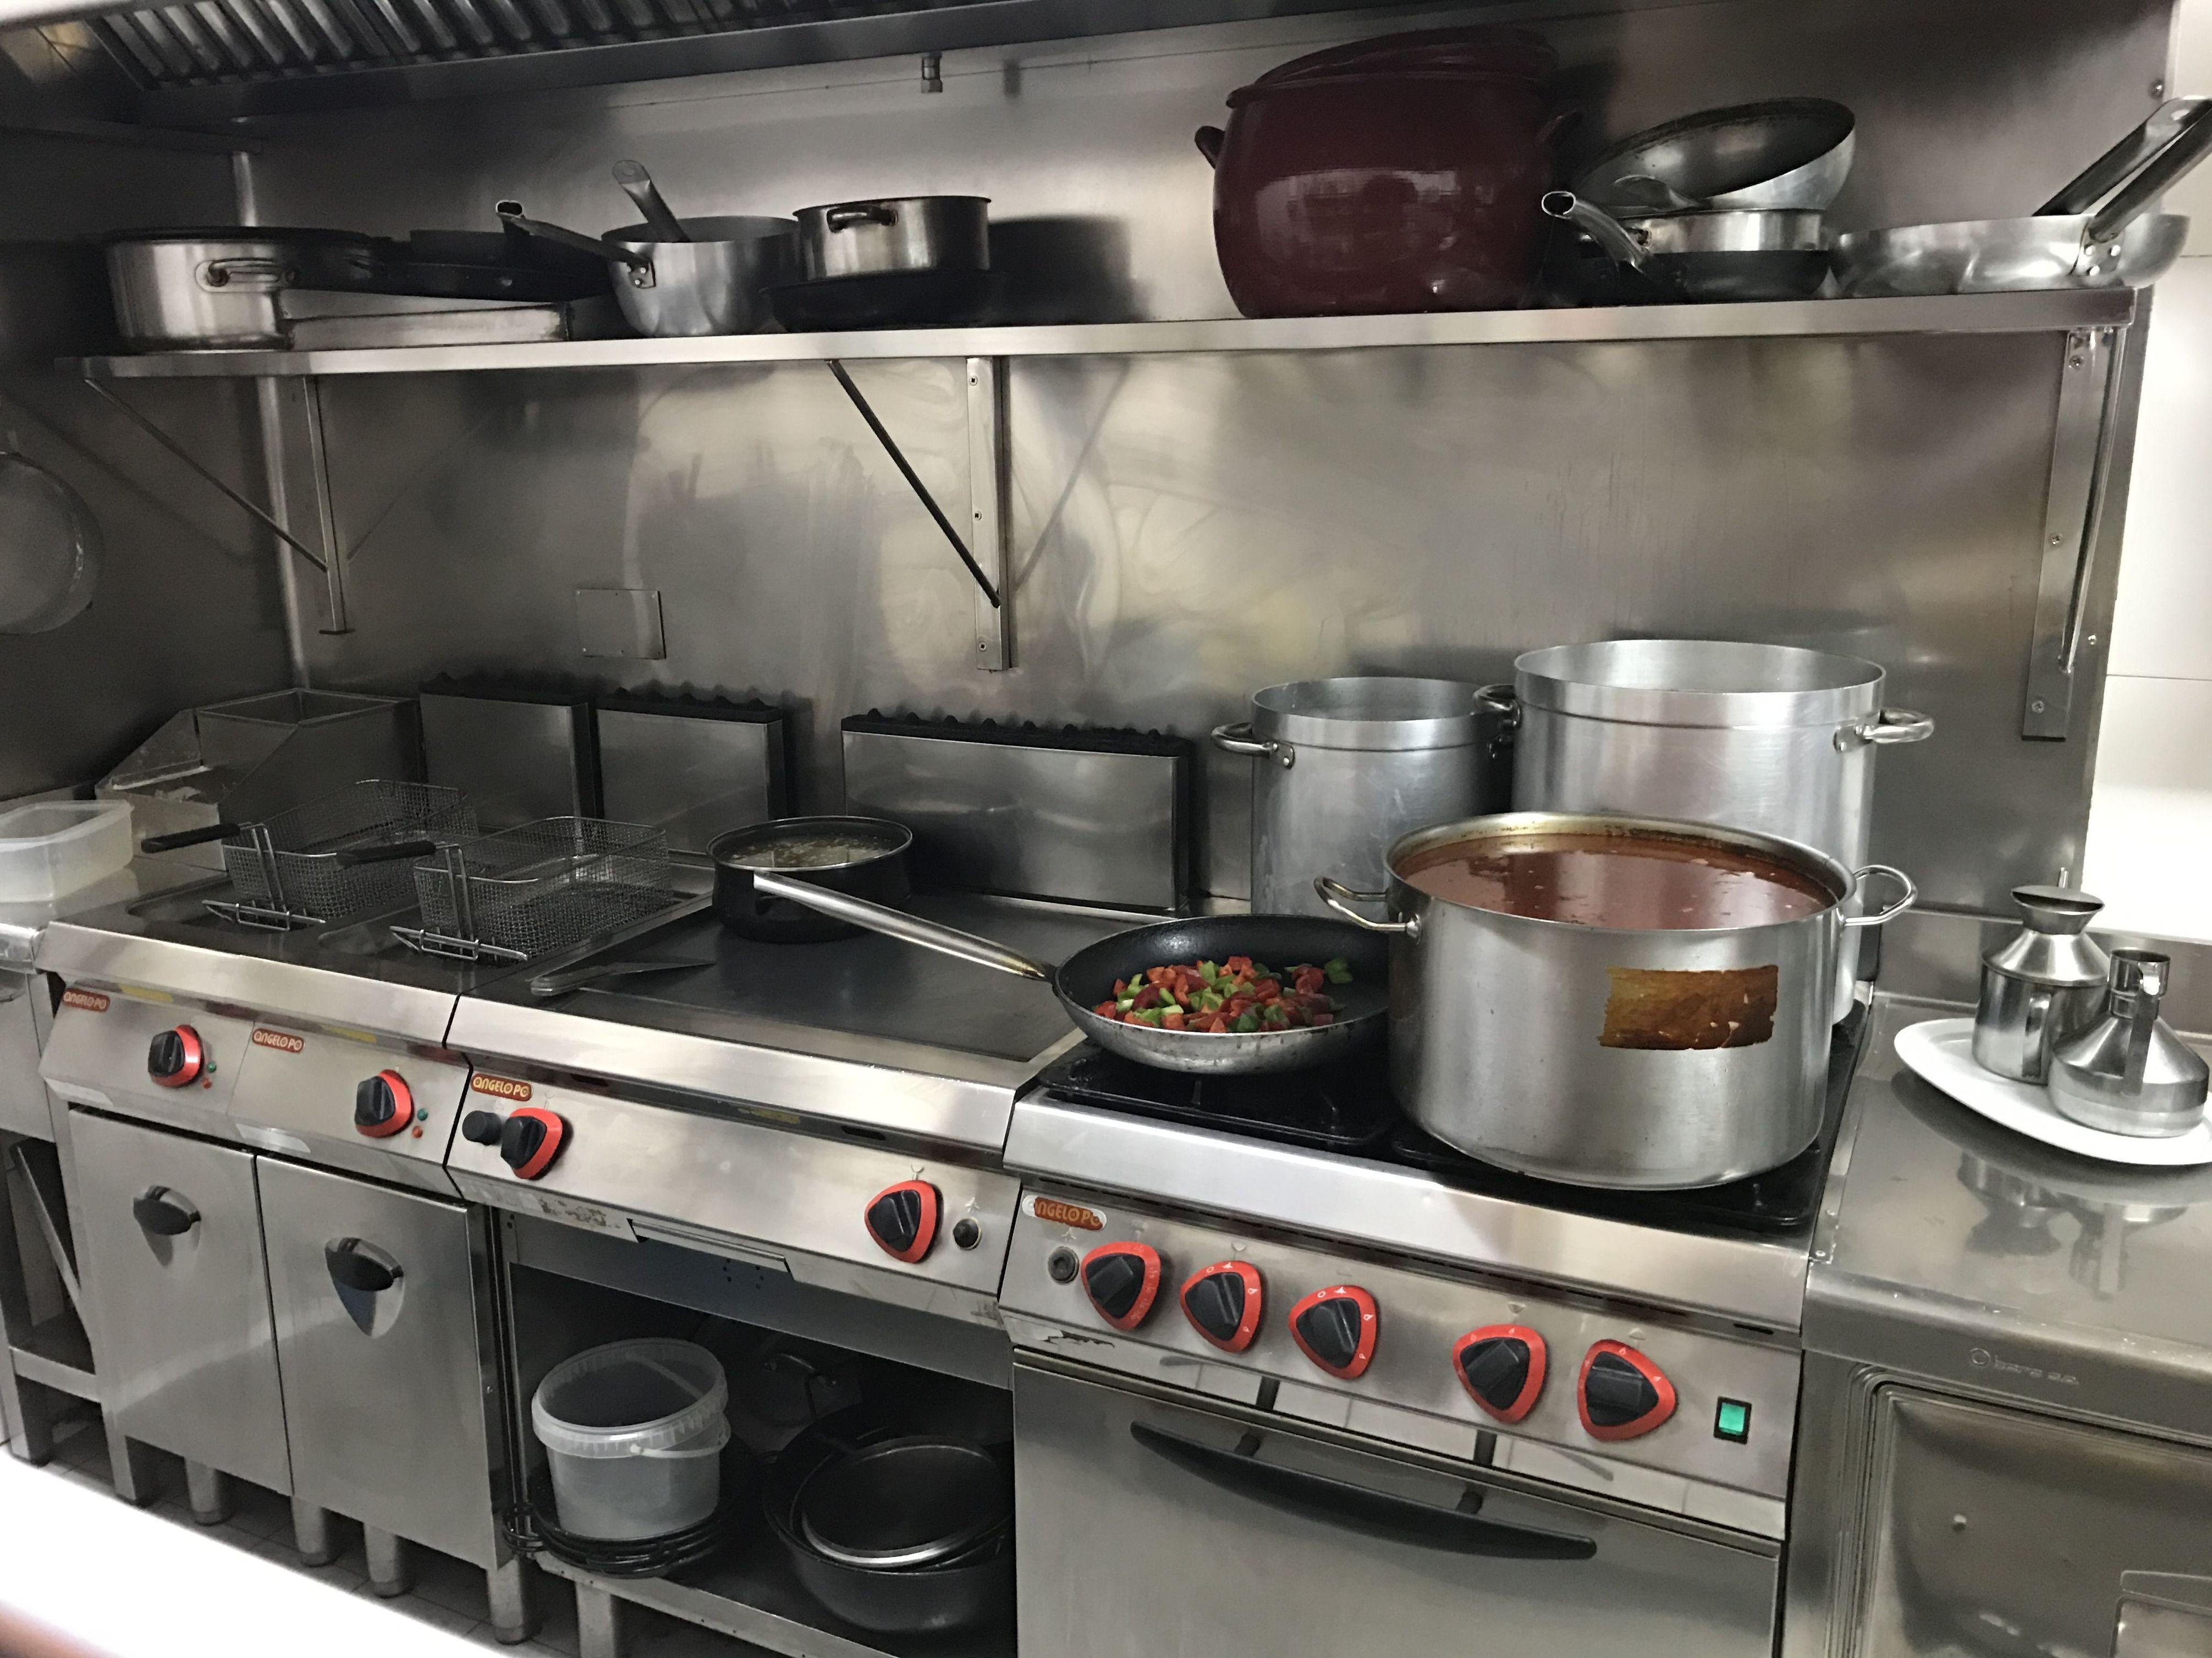 Cocina con muebles de acero inoxidable